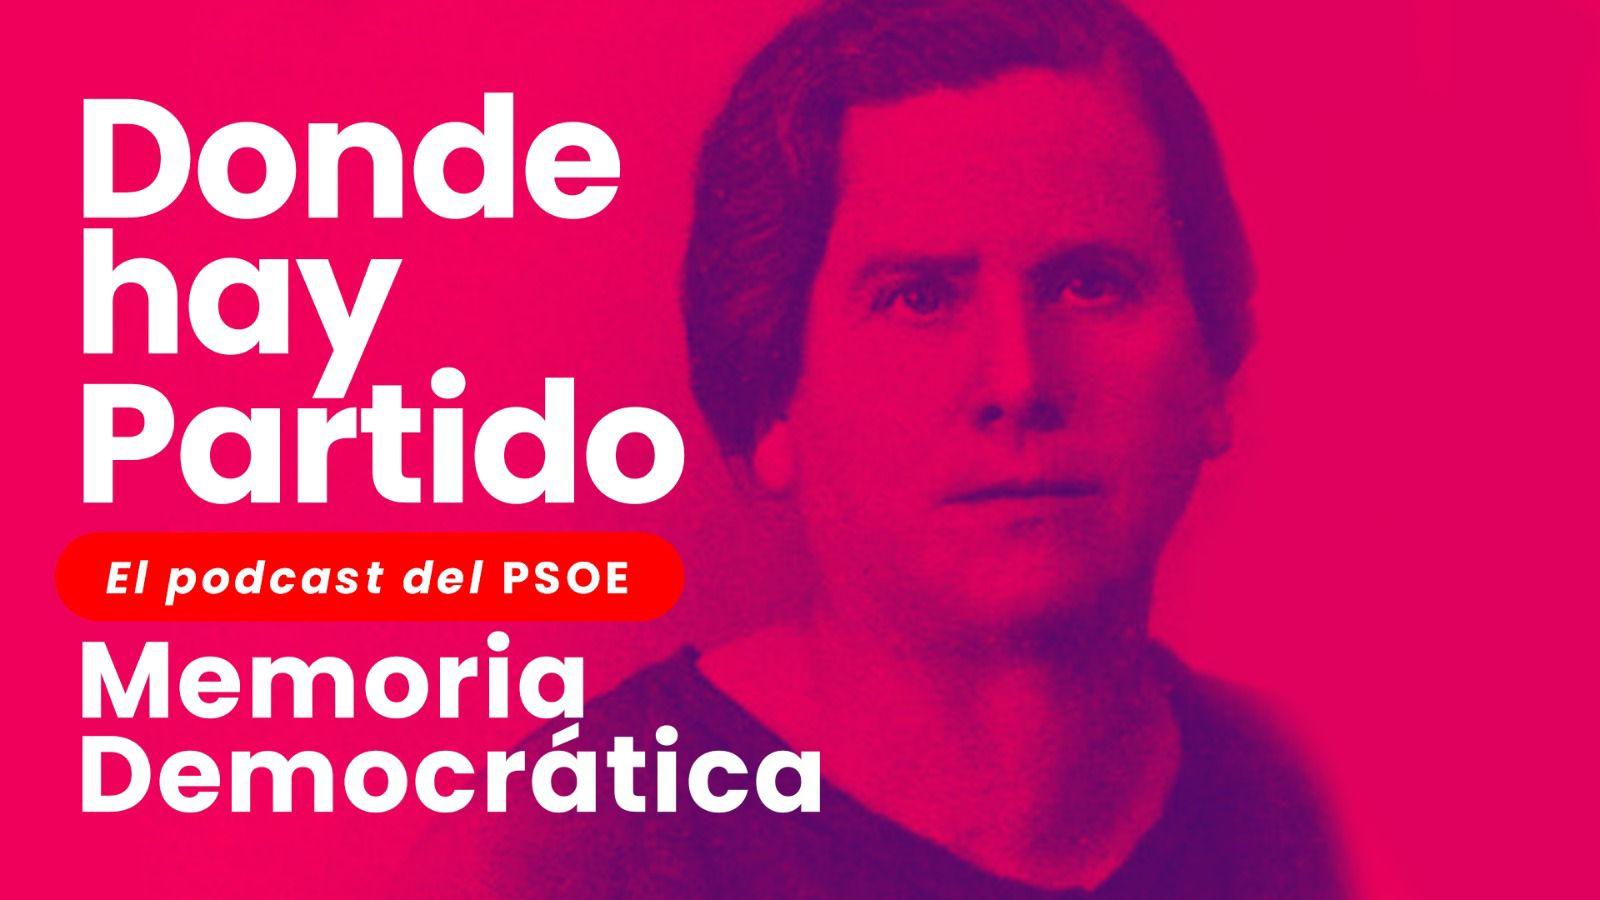 (el Poscats del PSOE)